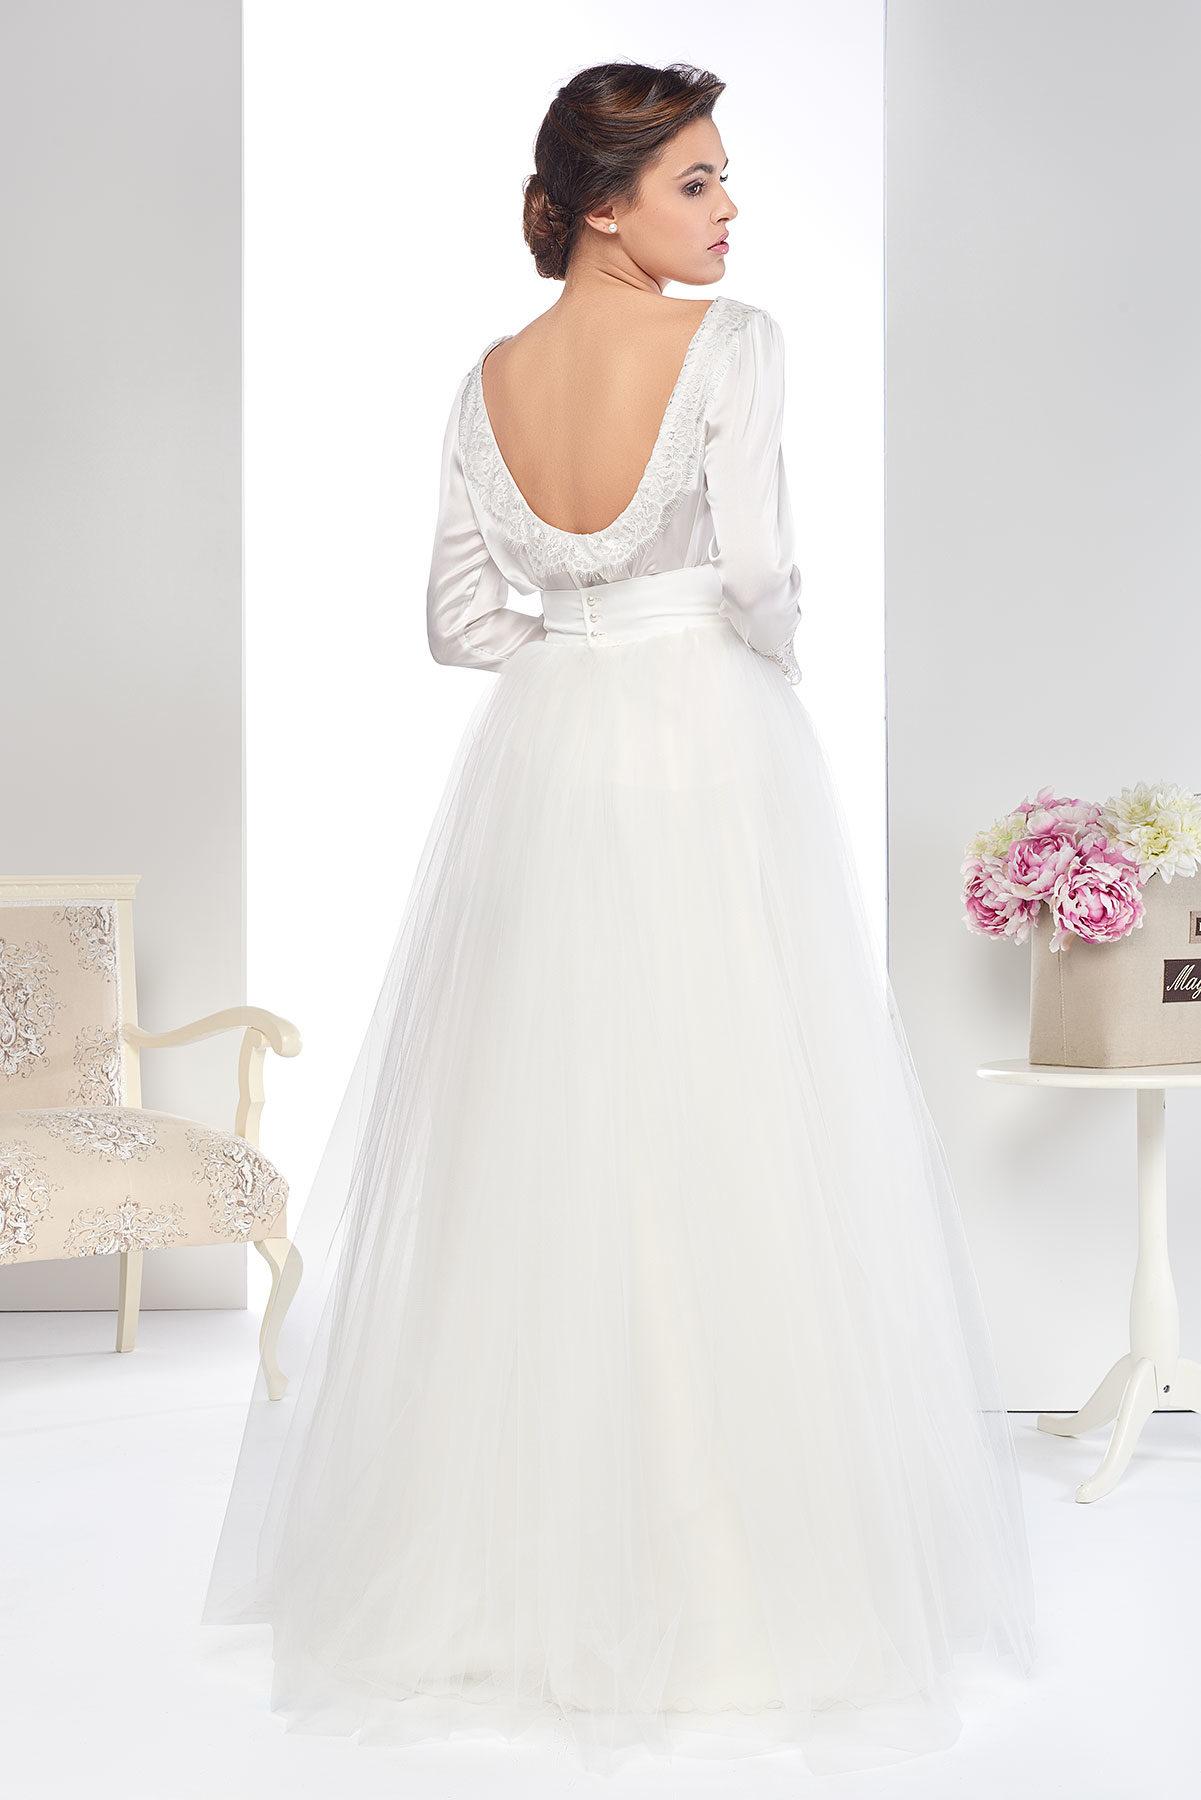 Conjunto de novia con falda de tul al estilo de la mítica serie de Sexo en Nueva York.